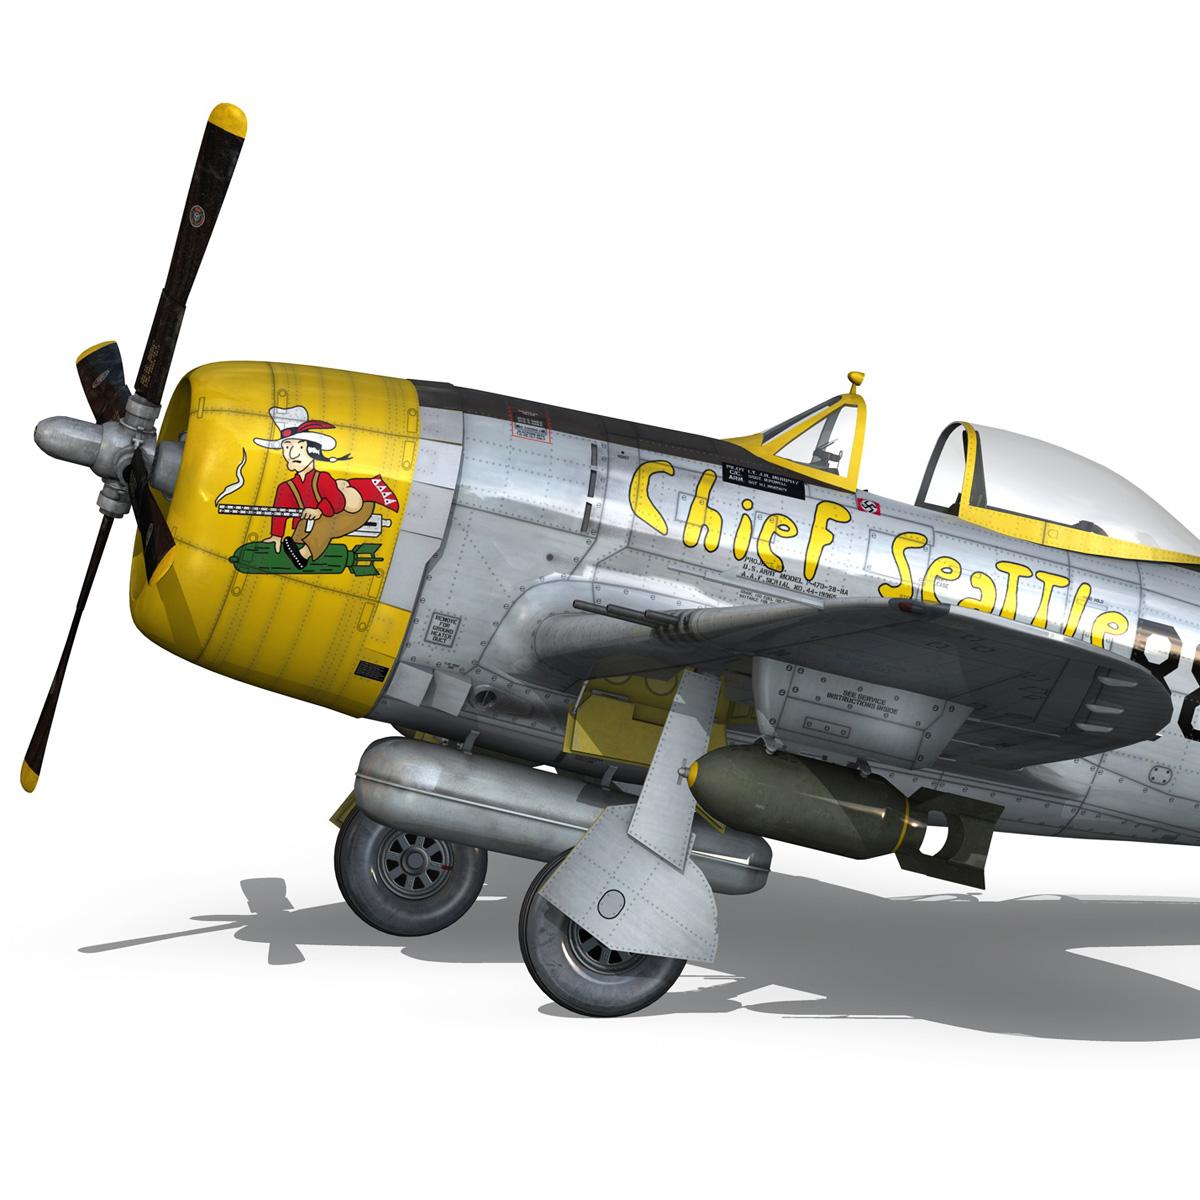 republic p-47d thunderbolt – chief seattle 3d model fbx c4d lwo obj 268209